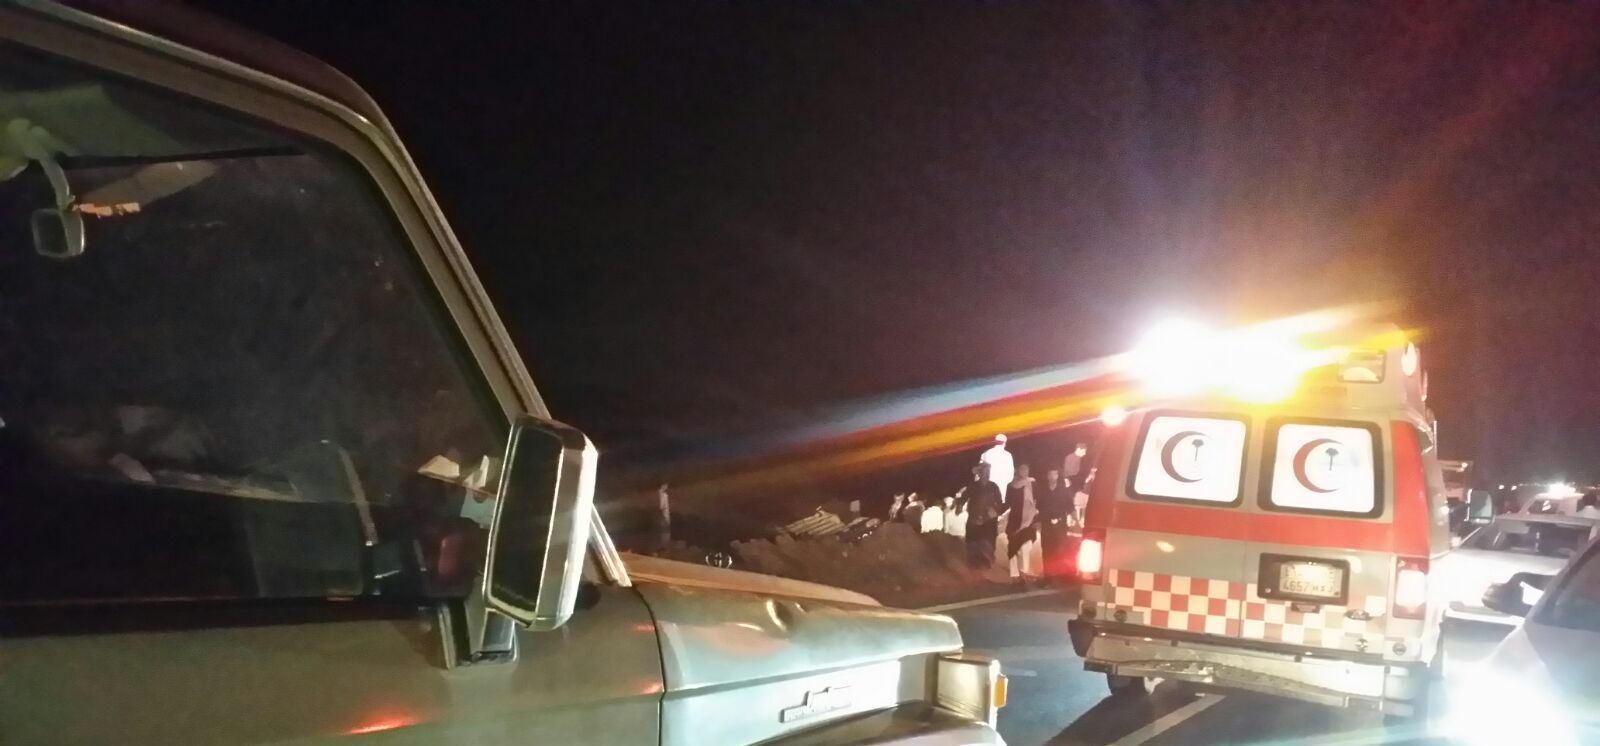 حادث تصادم بطريق صبيا العيدابي (6)